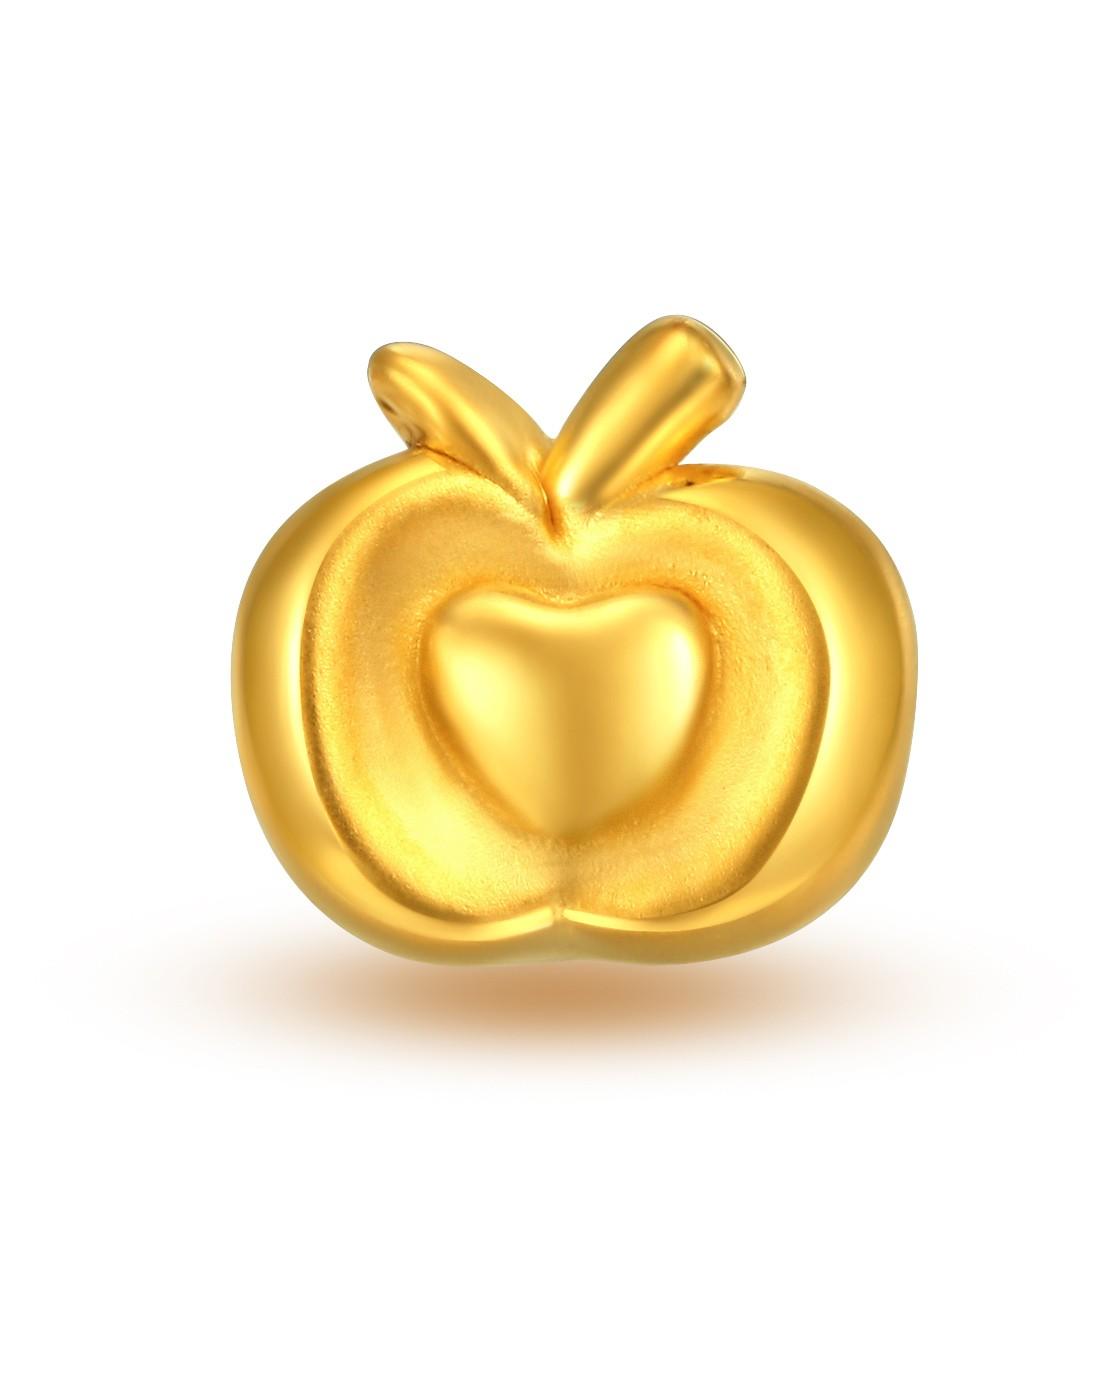 金�L̜_岁岁苹安 3d硬金爱心苹果路路通(送红绳)